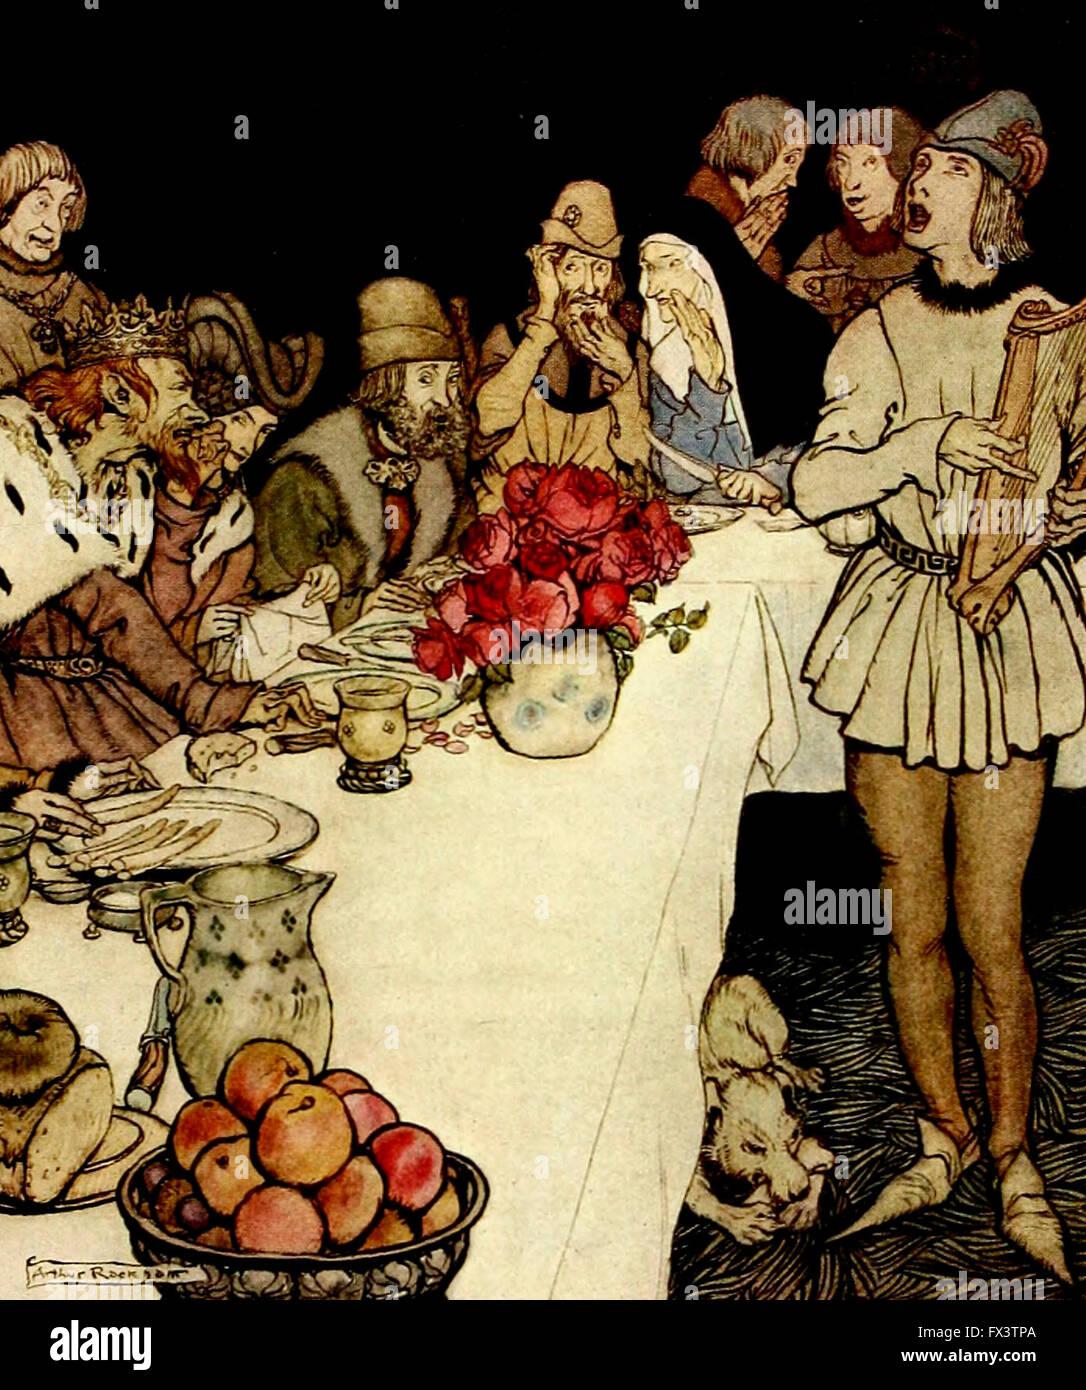 Come in una grande festa che il re fatta segnare è venuto Eliot il harper e ha cantato i laici che Dinadan Immagini Stock